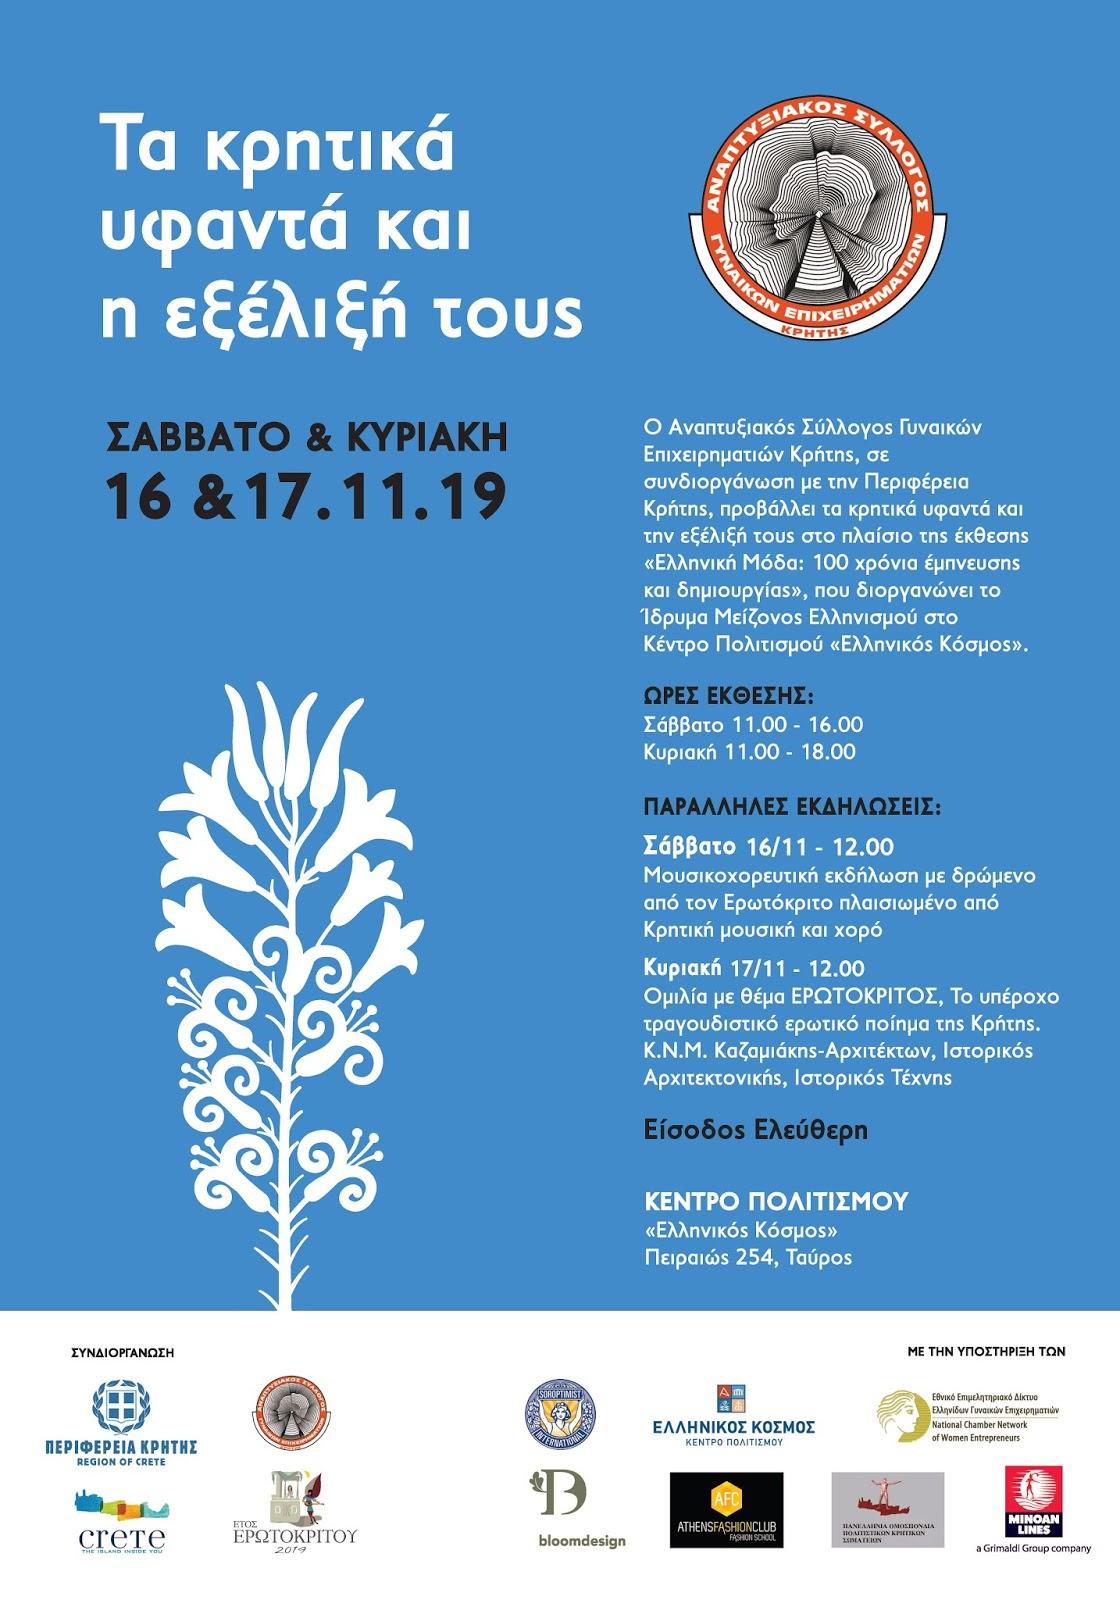 Πρωτοβουλία του Εθνικού Επιμελητηριακού Δικτύου Ελληνίδων Γυναικών Επιχειρηματιών